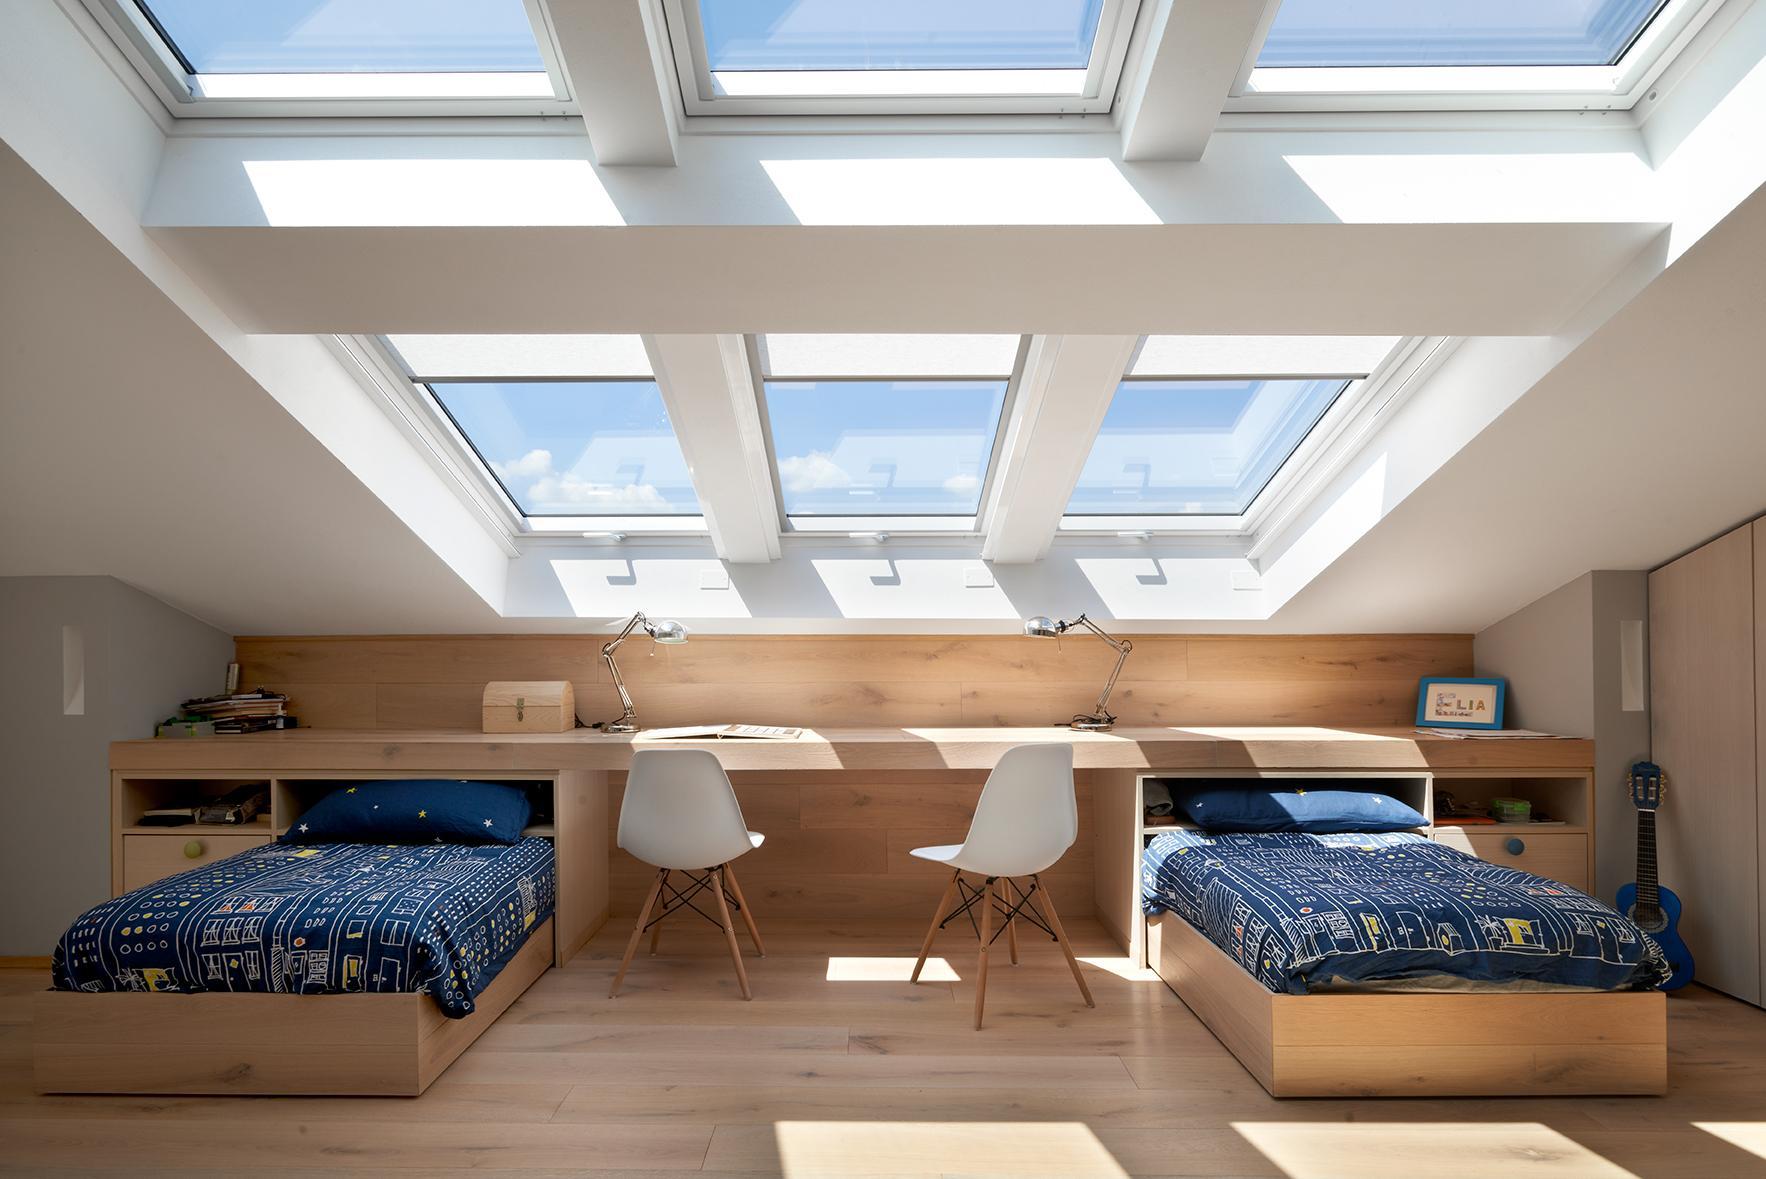 Finestre per tetti una promozione velux da non perdere for Finestre x tetti